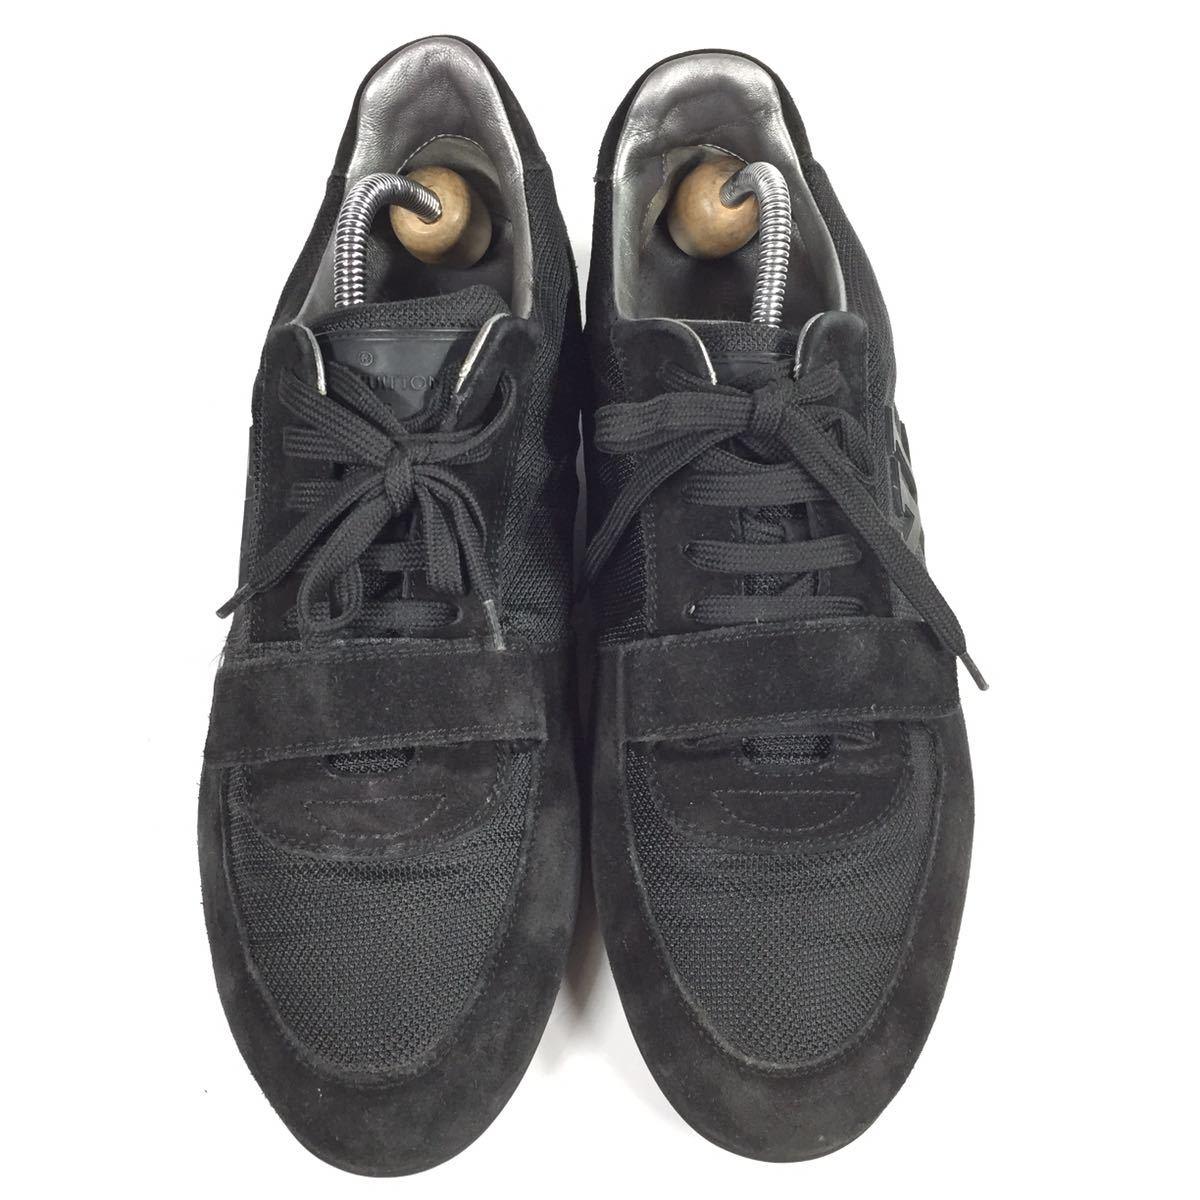 【ルイヴィトン】本物 LOUIS VUITTON 靴 26cm 黒色系 LVロゴ スニーカー カジュアルシューズ スエード 男性用 メンズ イタリア製 7_画像2